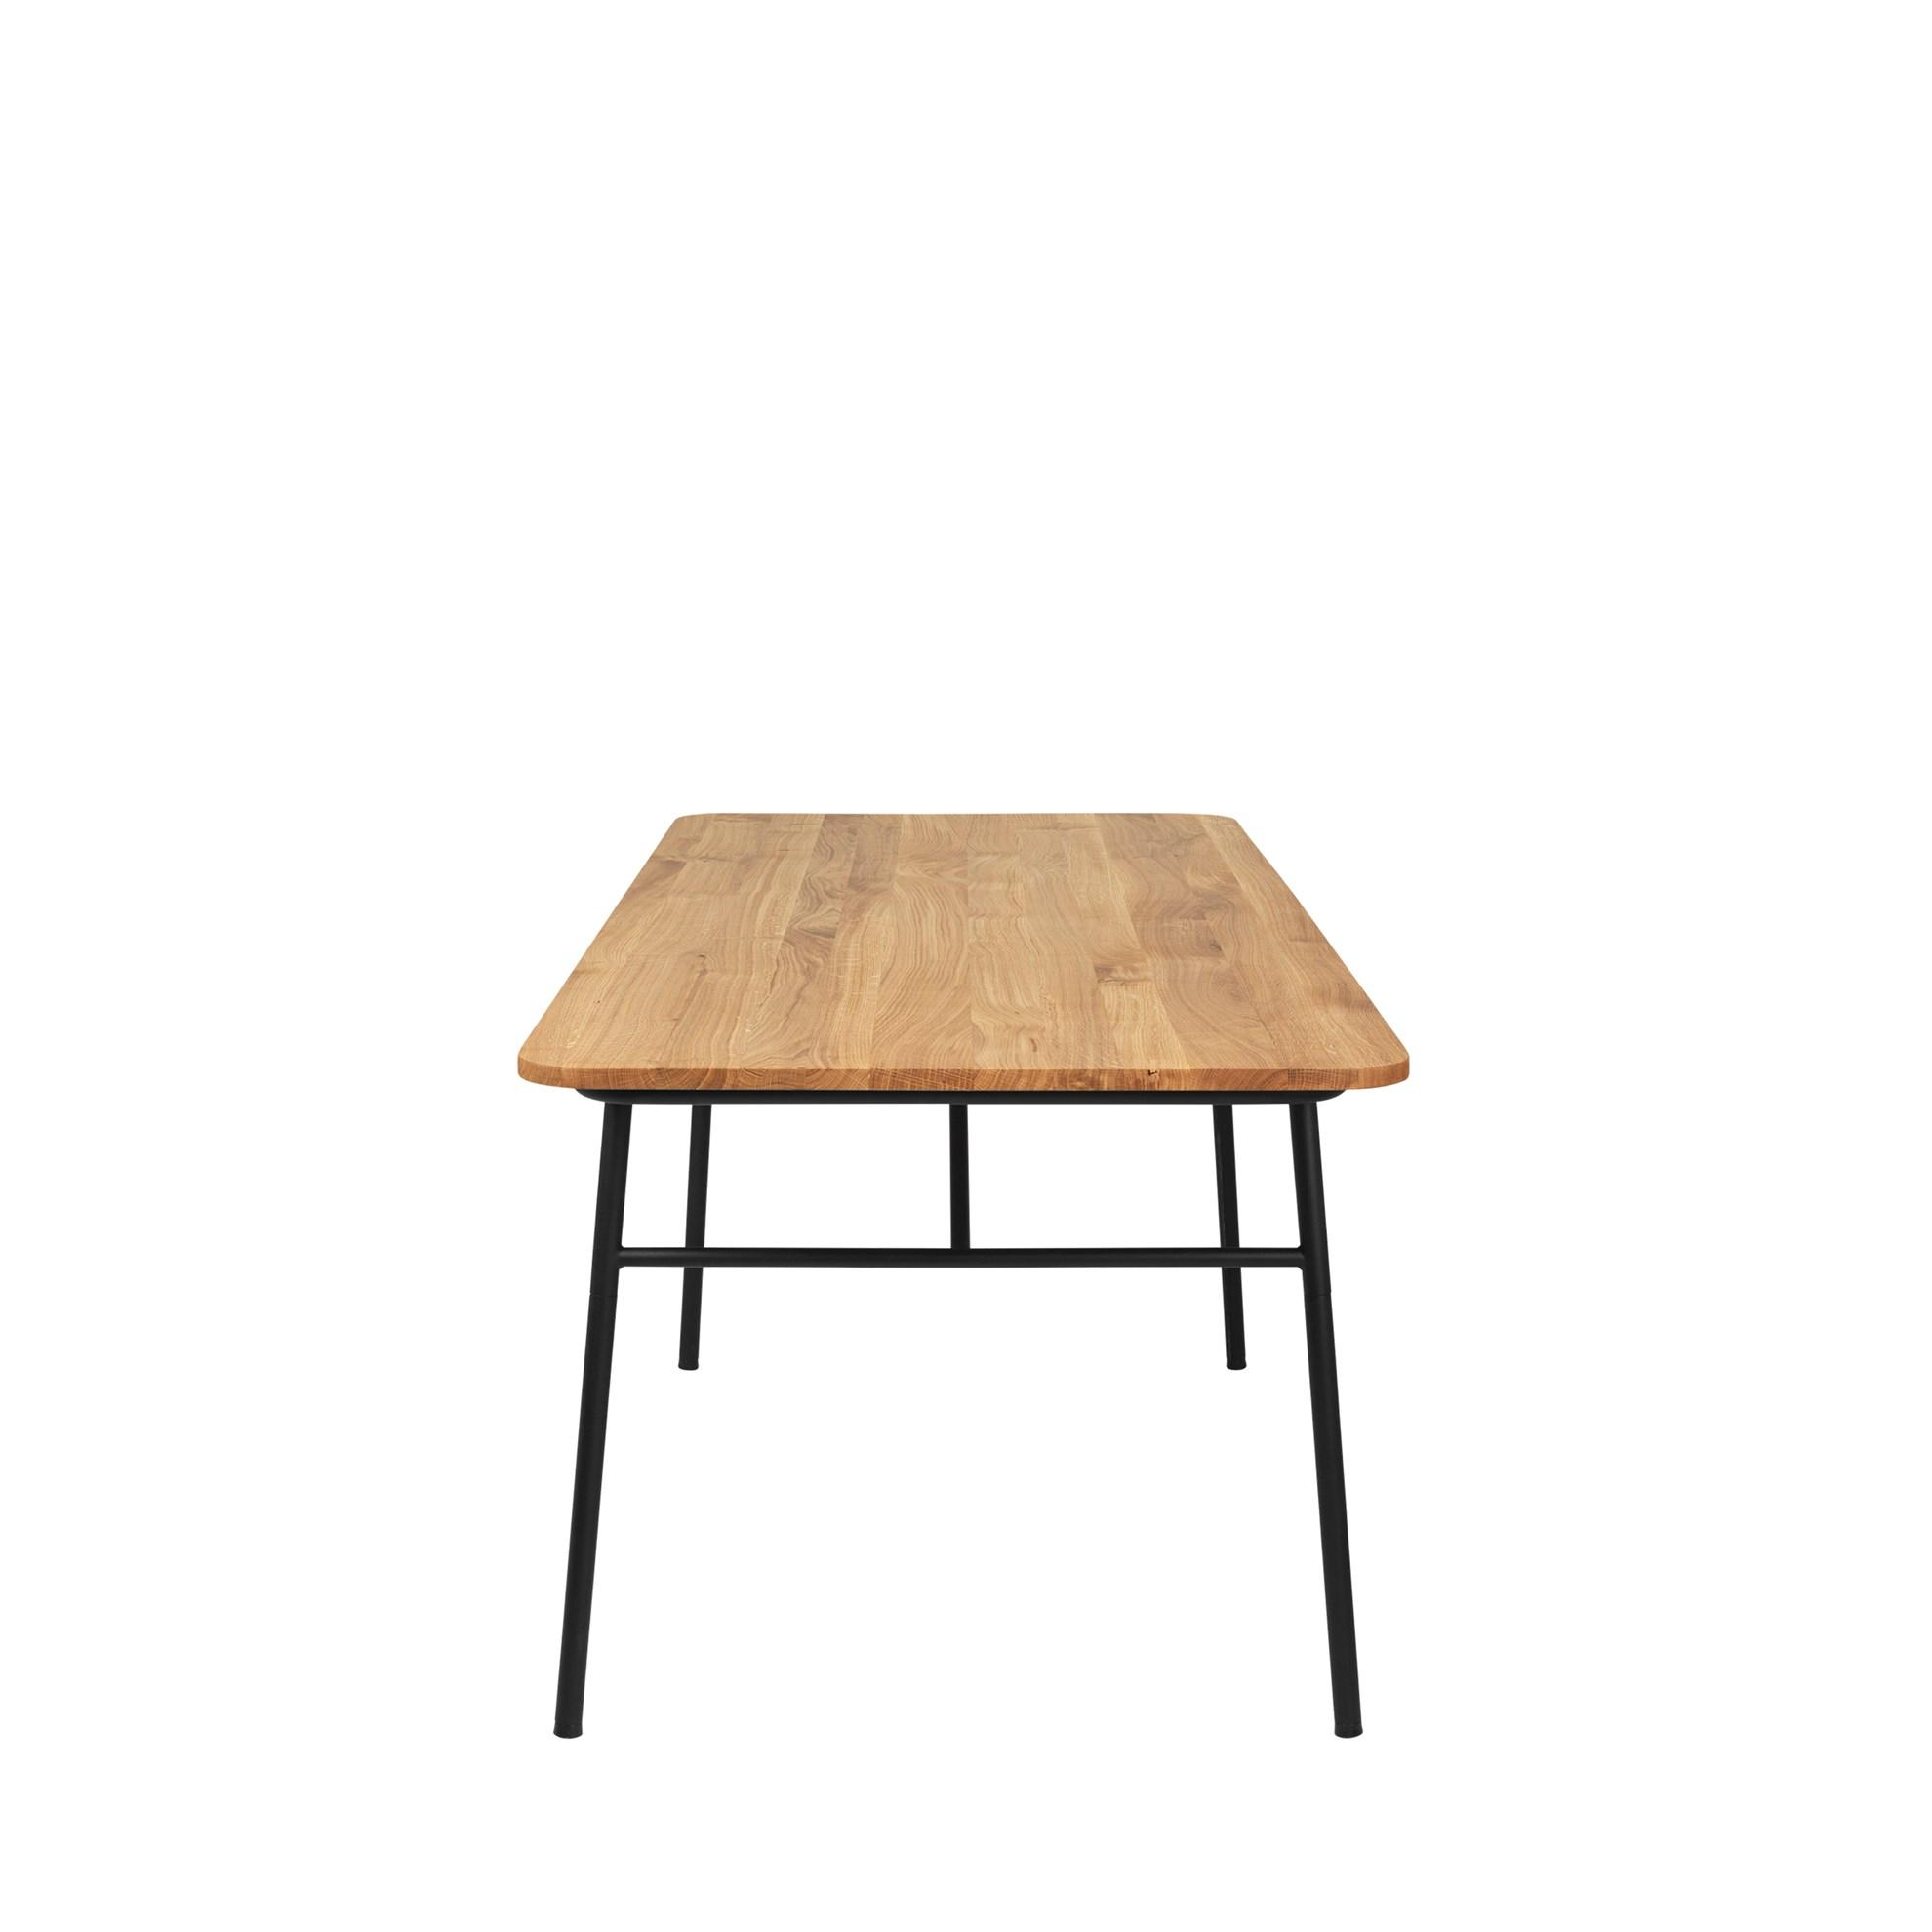 Deska pro jídelné stůl MOON OAK (pouze deska)_1